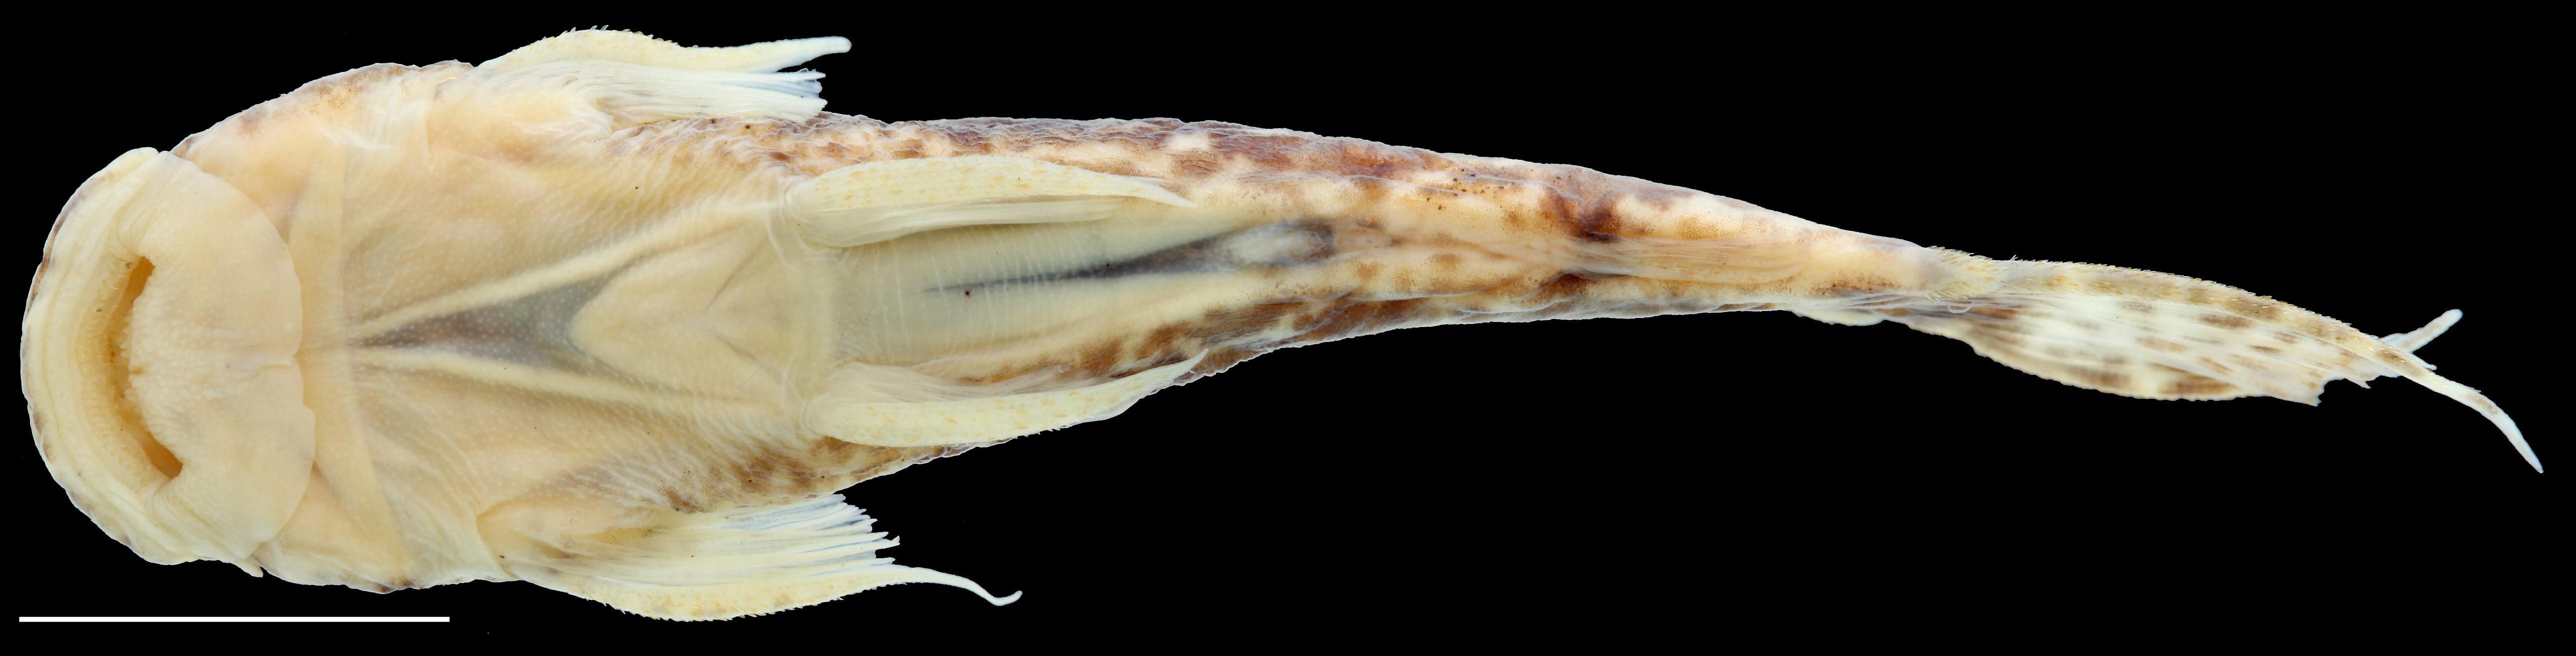 Paratípo de <em>Astroblepus putumayoensis</em>, IAvH-P-12708_Ventral, 43.6 mm SL (scale bar = 1 cm). Photograph by C. DoNascimiento